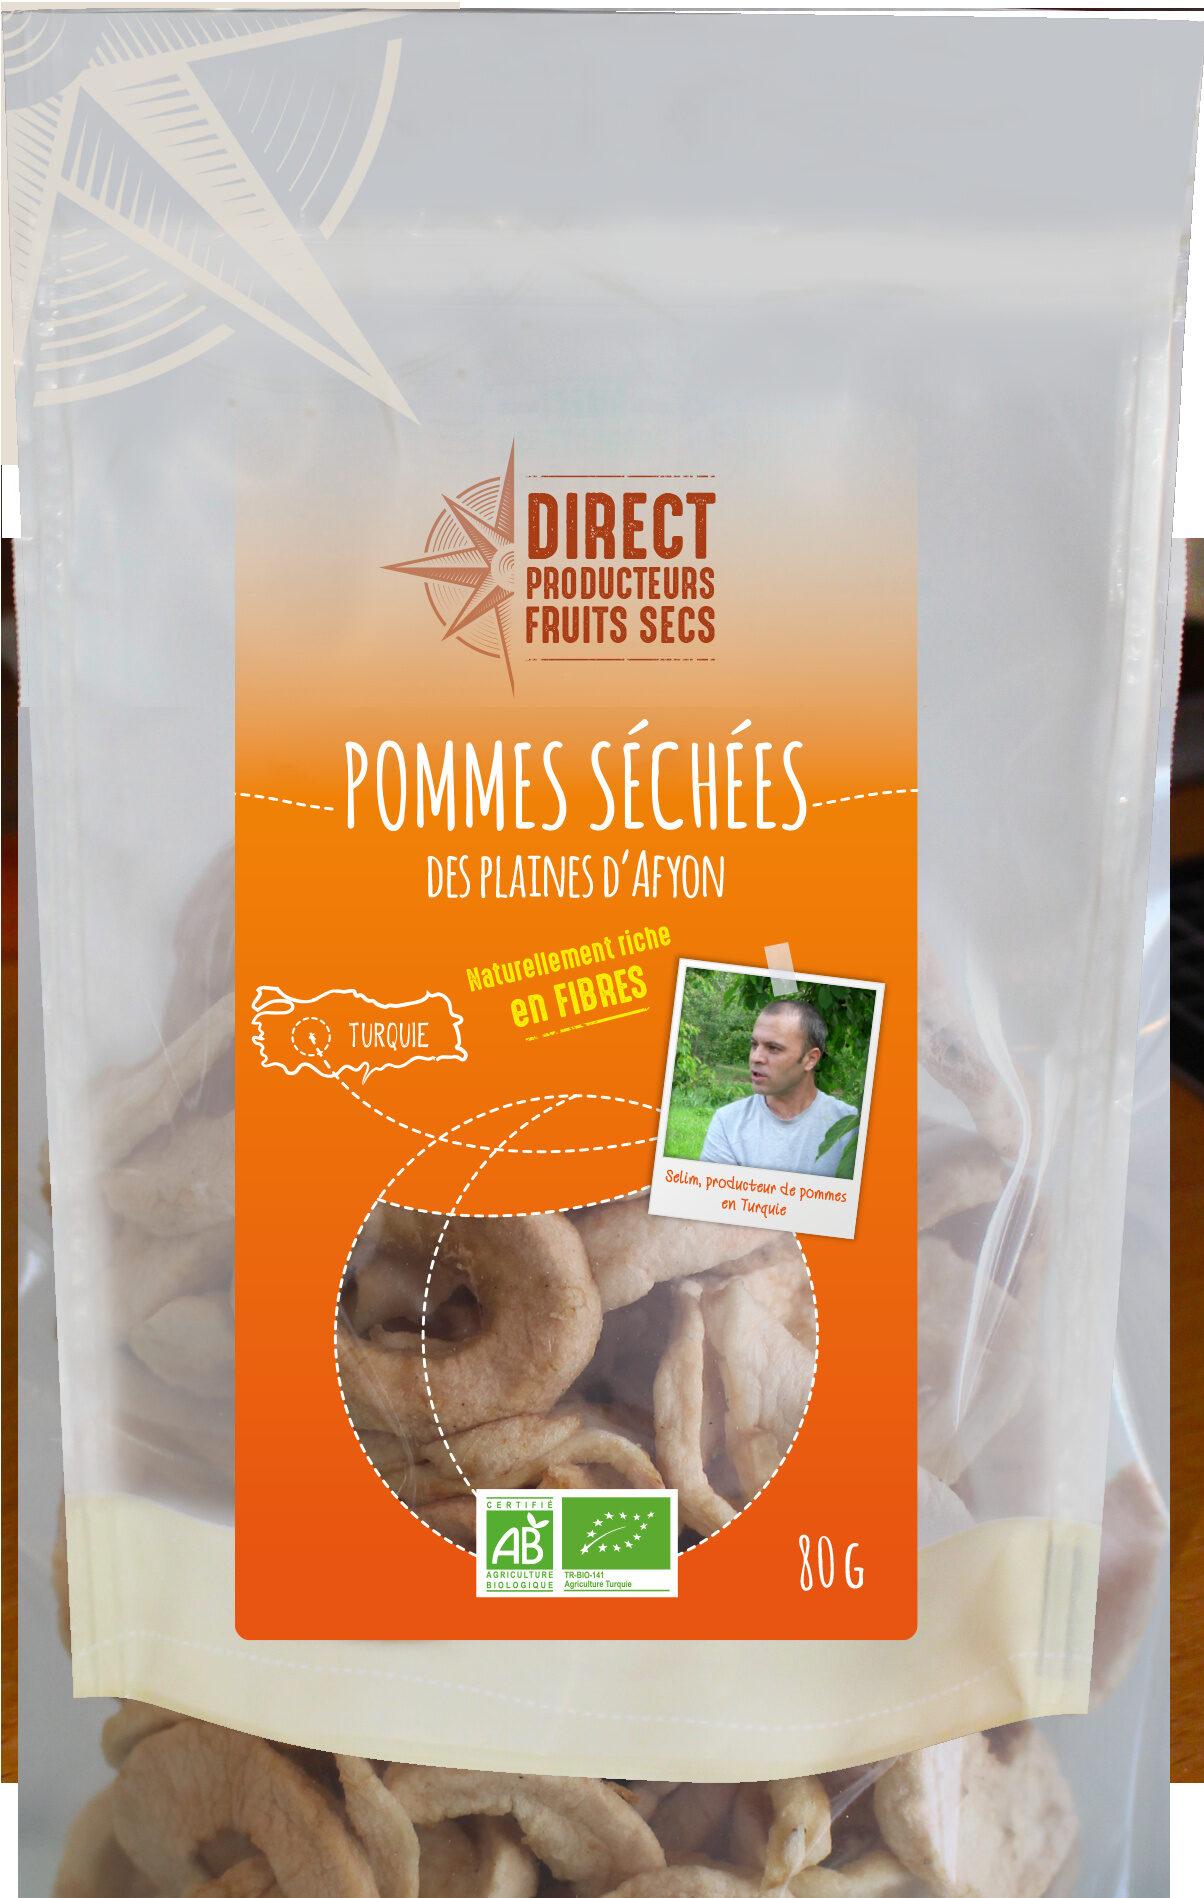 Pommes séchées - Product - fr